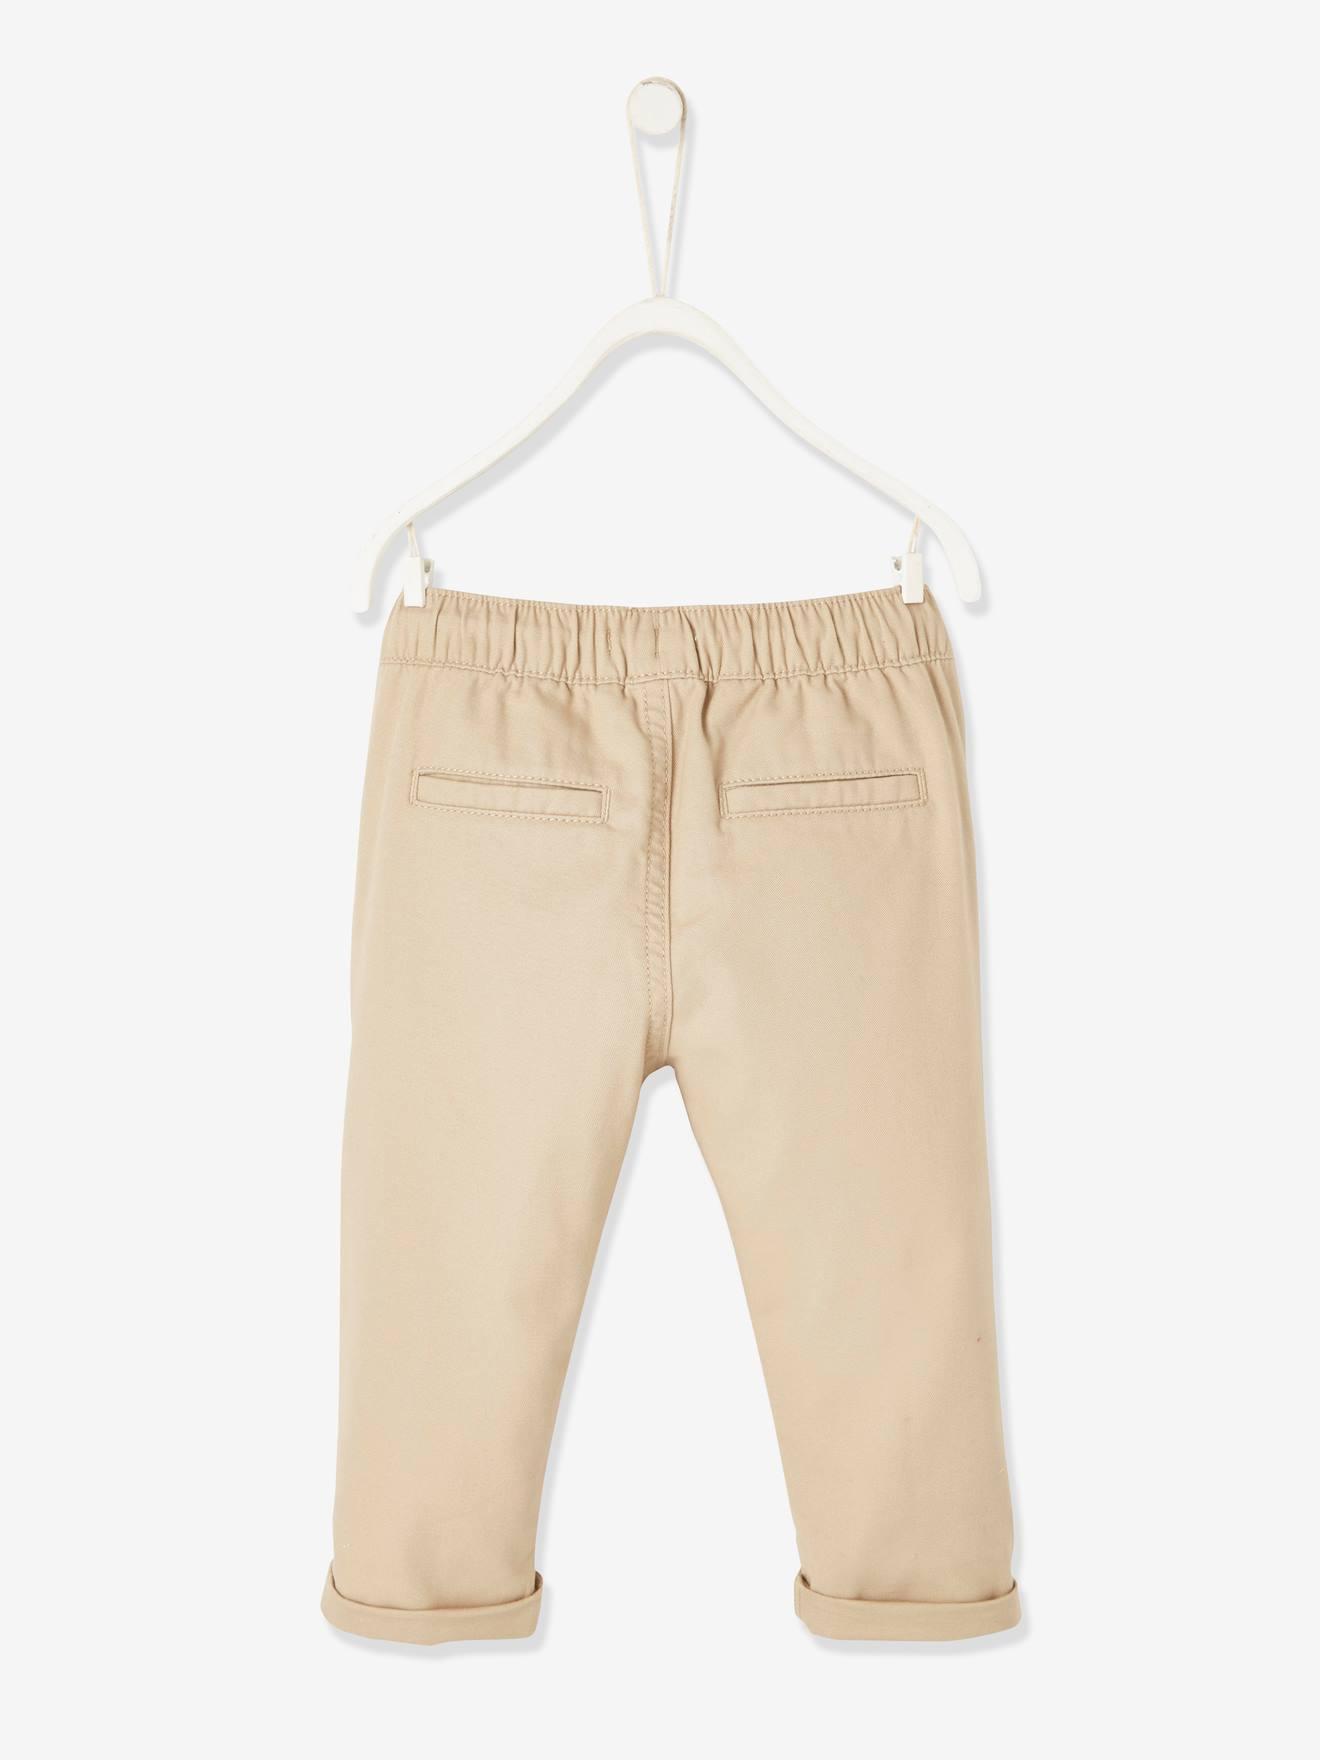 Vertbaudet Pantalon imprim/é b/éb/é Taille /élastiqu/ée